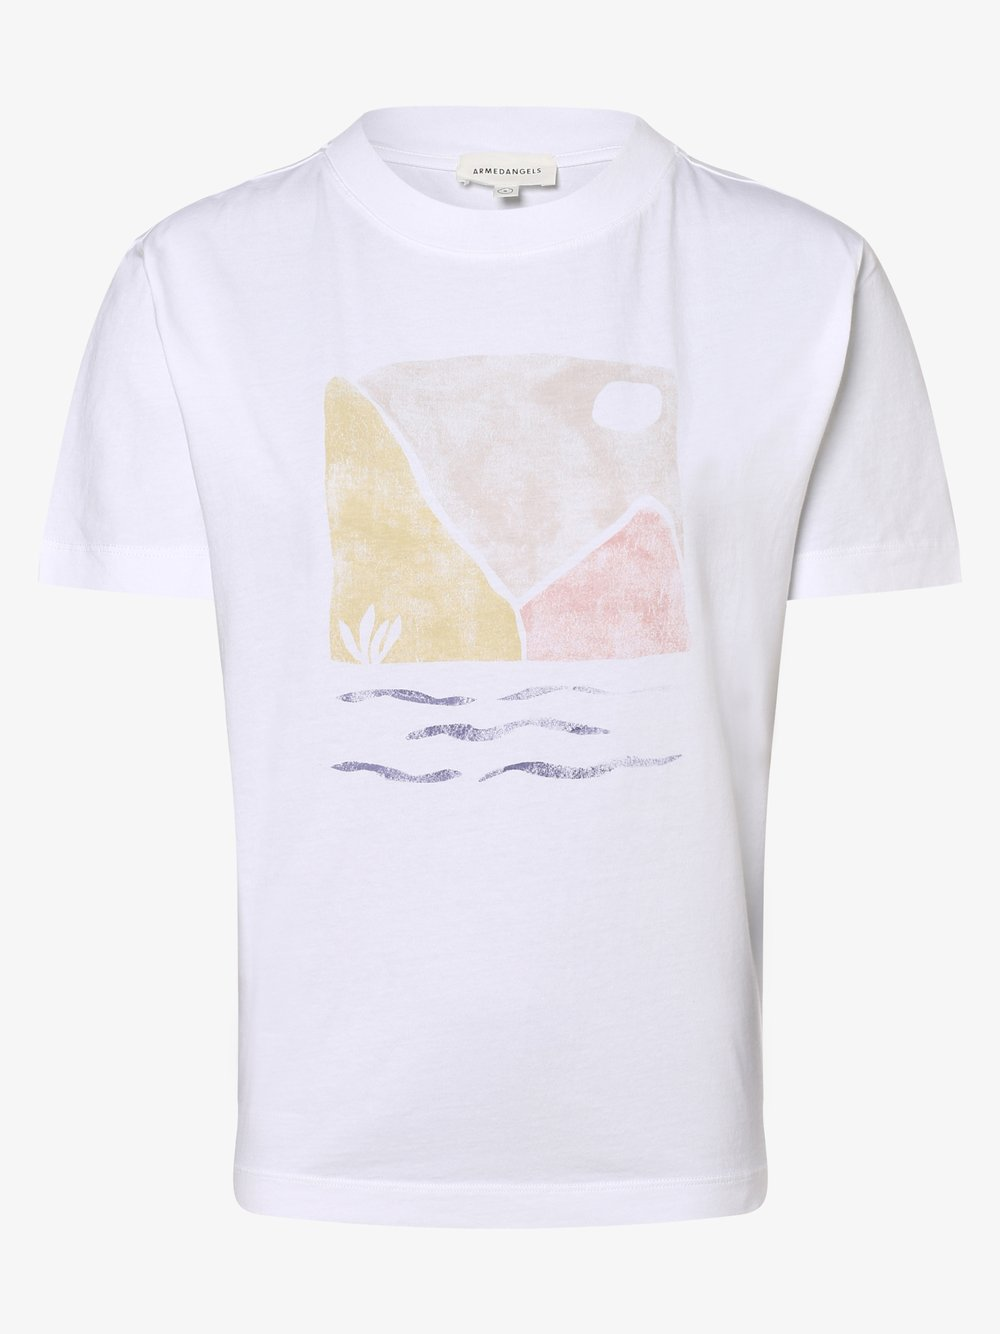 ARMEDANGELS - T-shirt damski – Miaa, biały